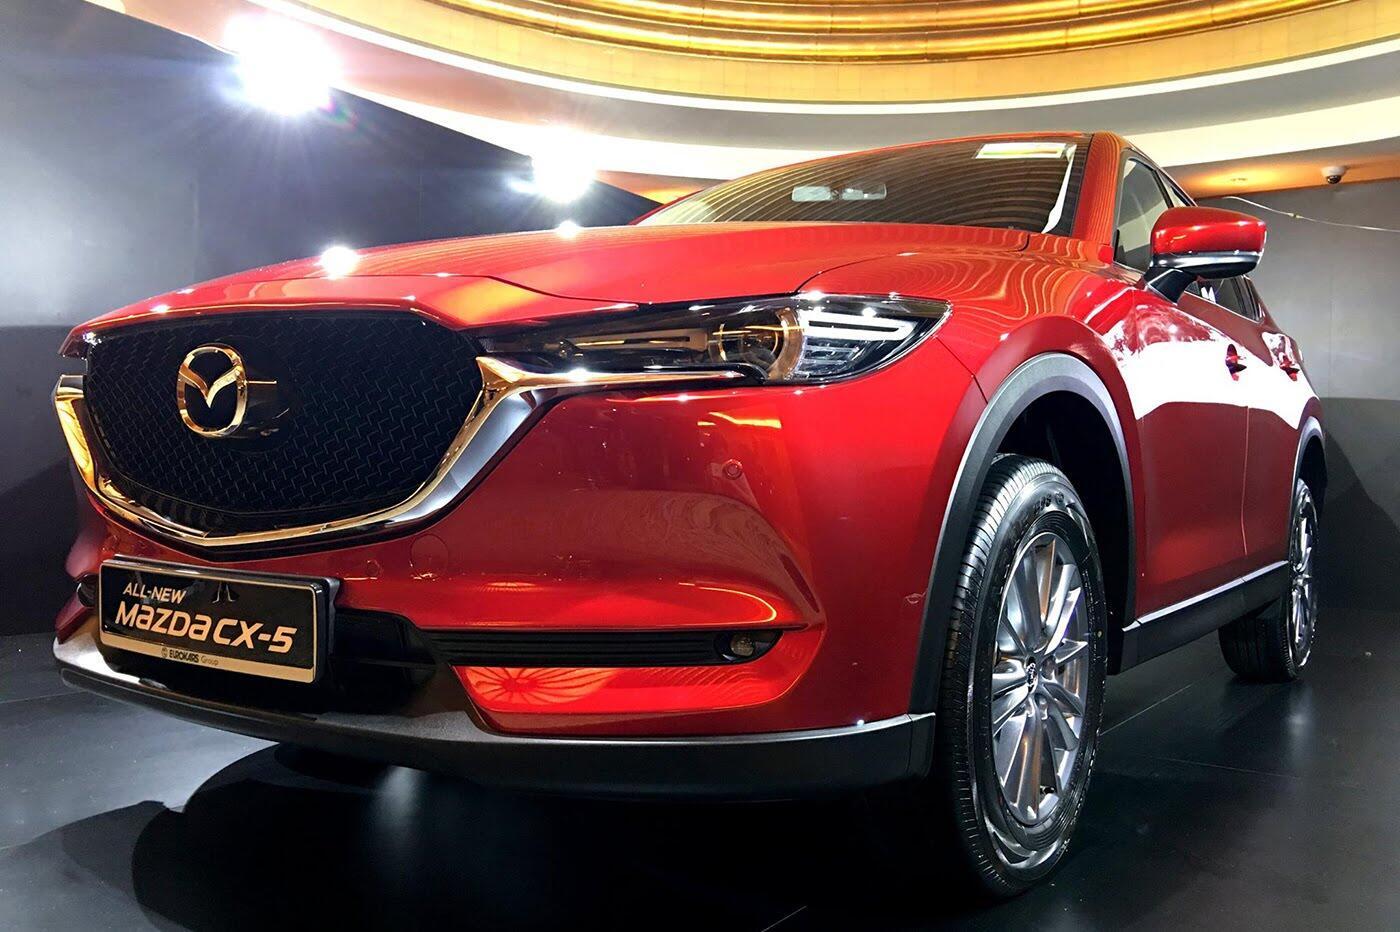 Mazda CX-5 thế hệ mới ra mắt tại Singapore, giá từ 105.433 USD - Hình 6